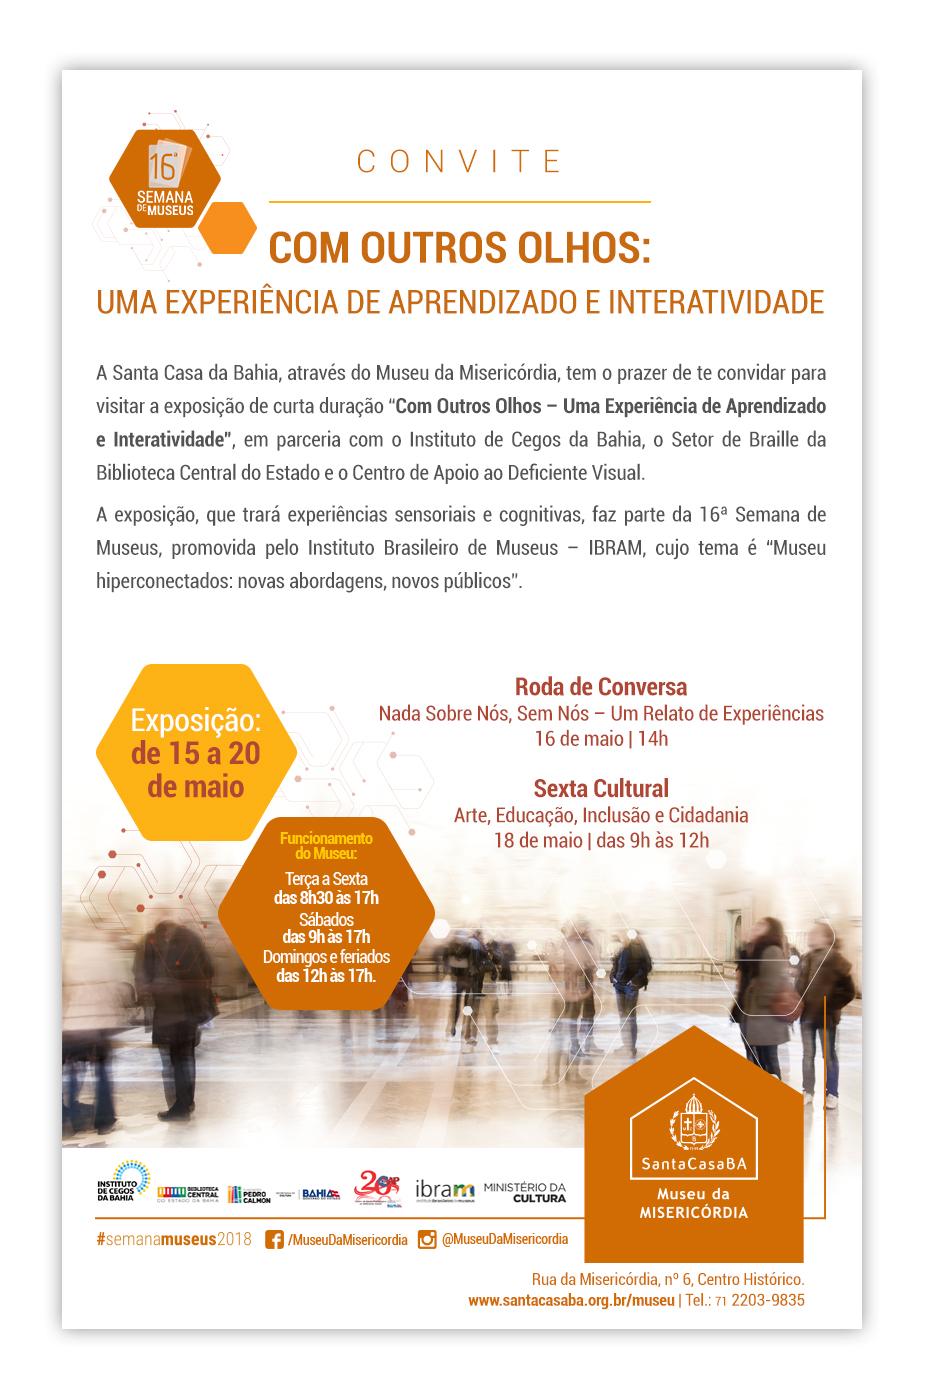 convite-EXPO-GERAL